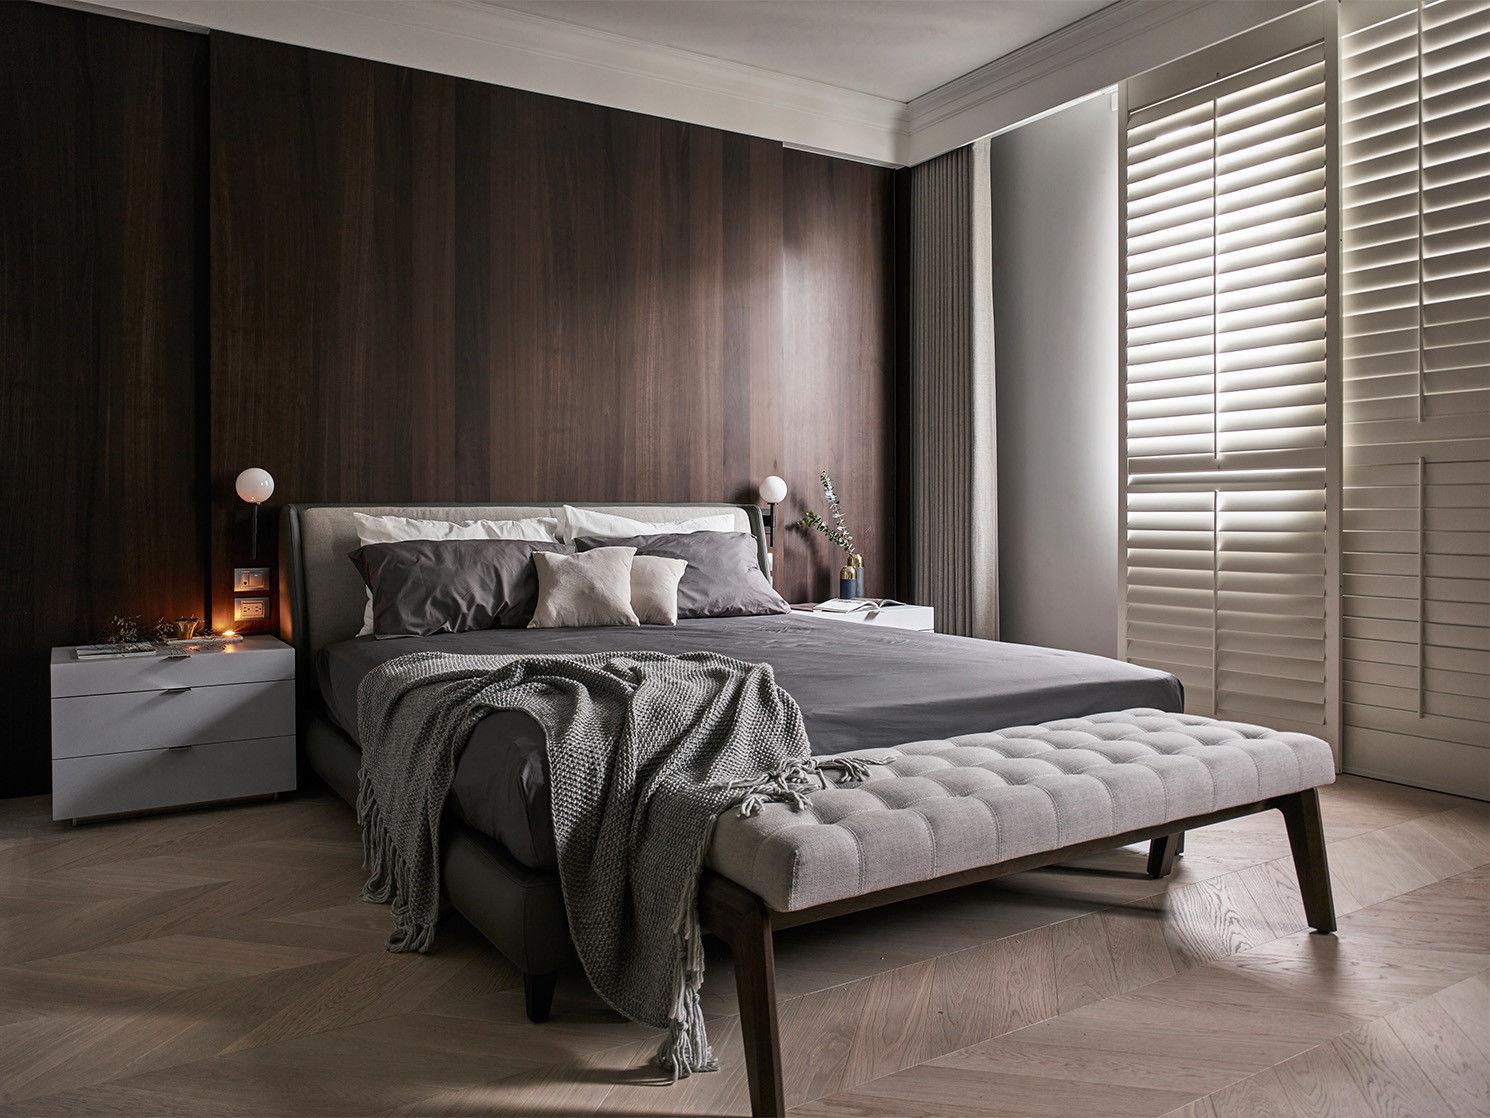 台中分子室內裝修設計 - 裝修住宅設計- 臥室空間設計-臥房